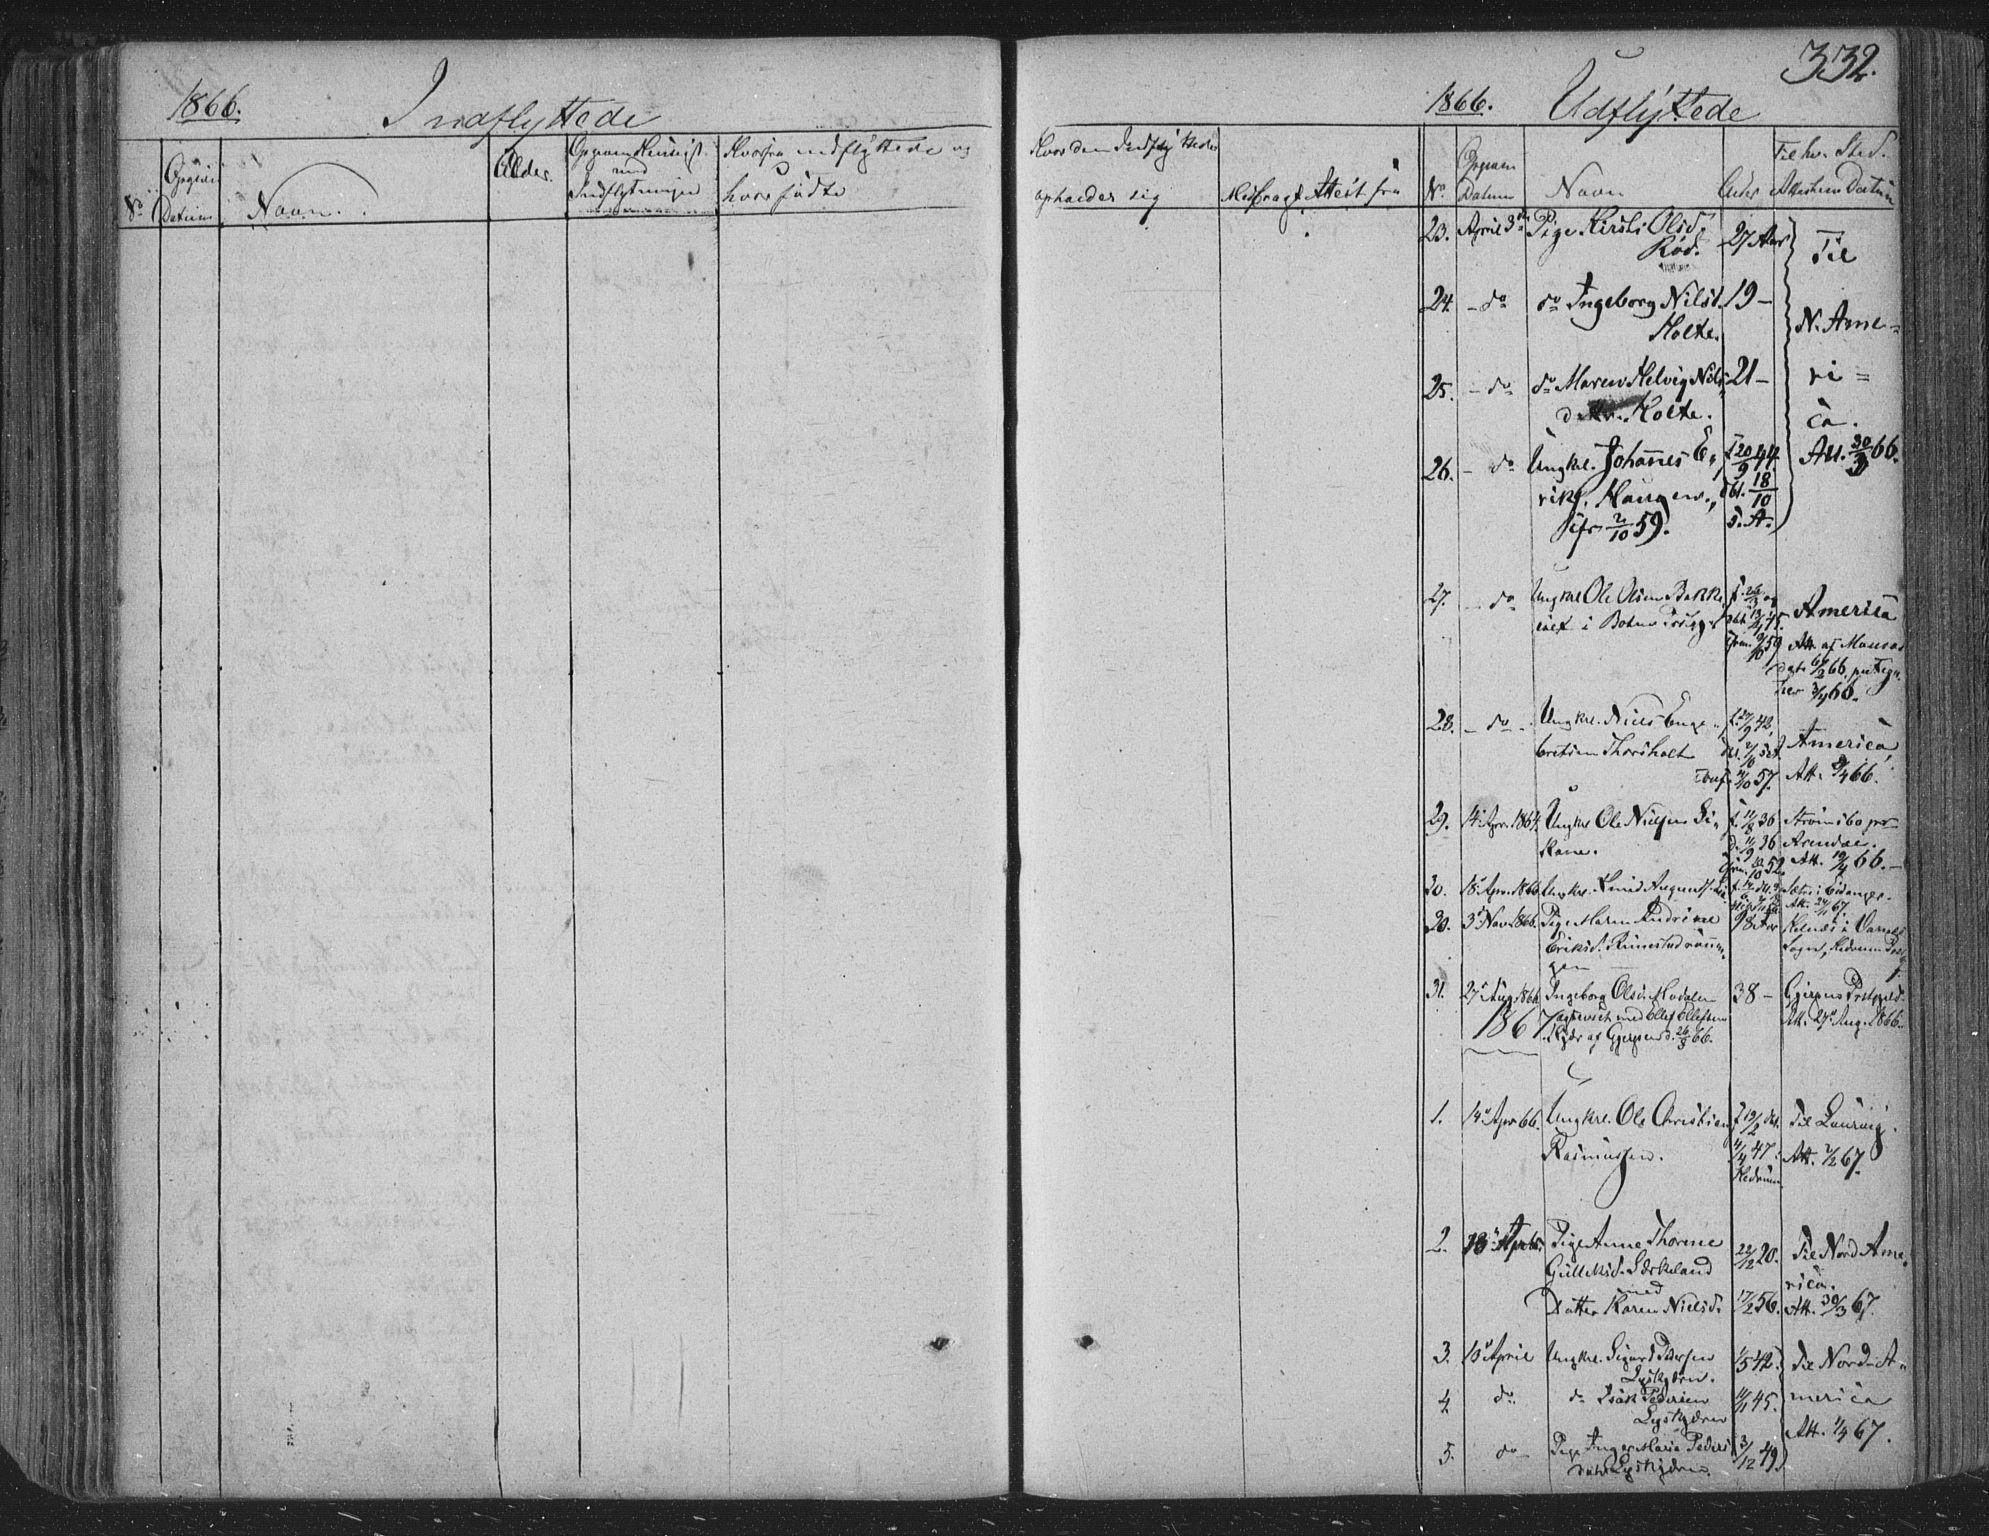 SAKO, Siljan kirkebøker, F/Fa/L0001: Ministerialbok nr. 1, 1831-1870, s. 332